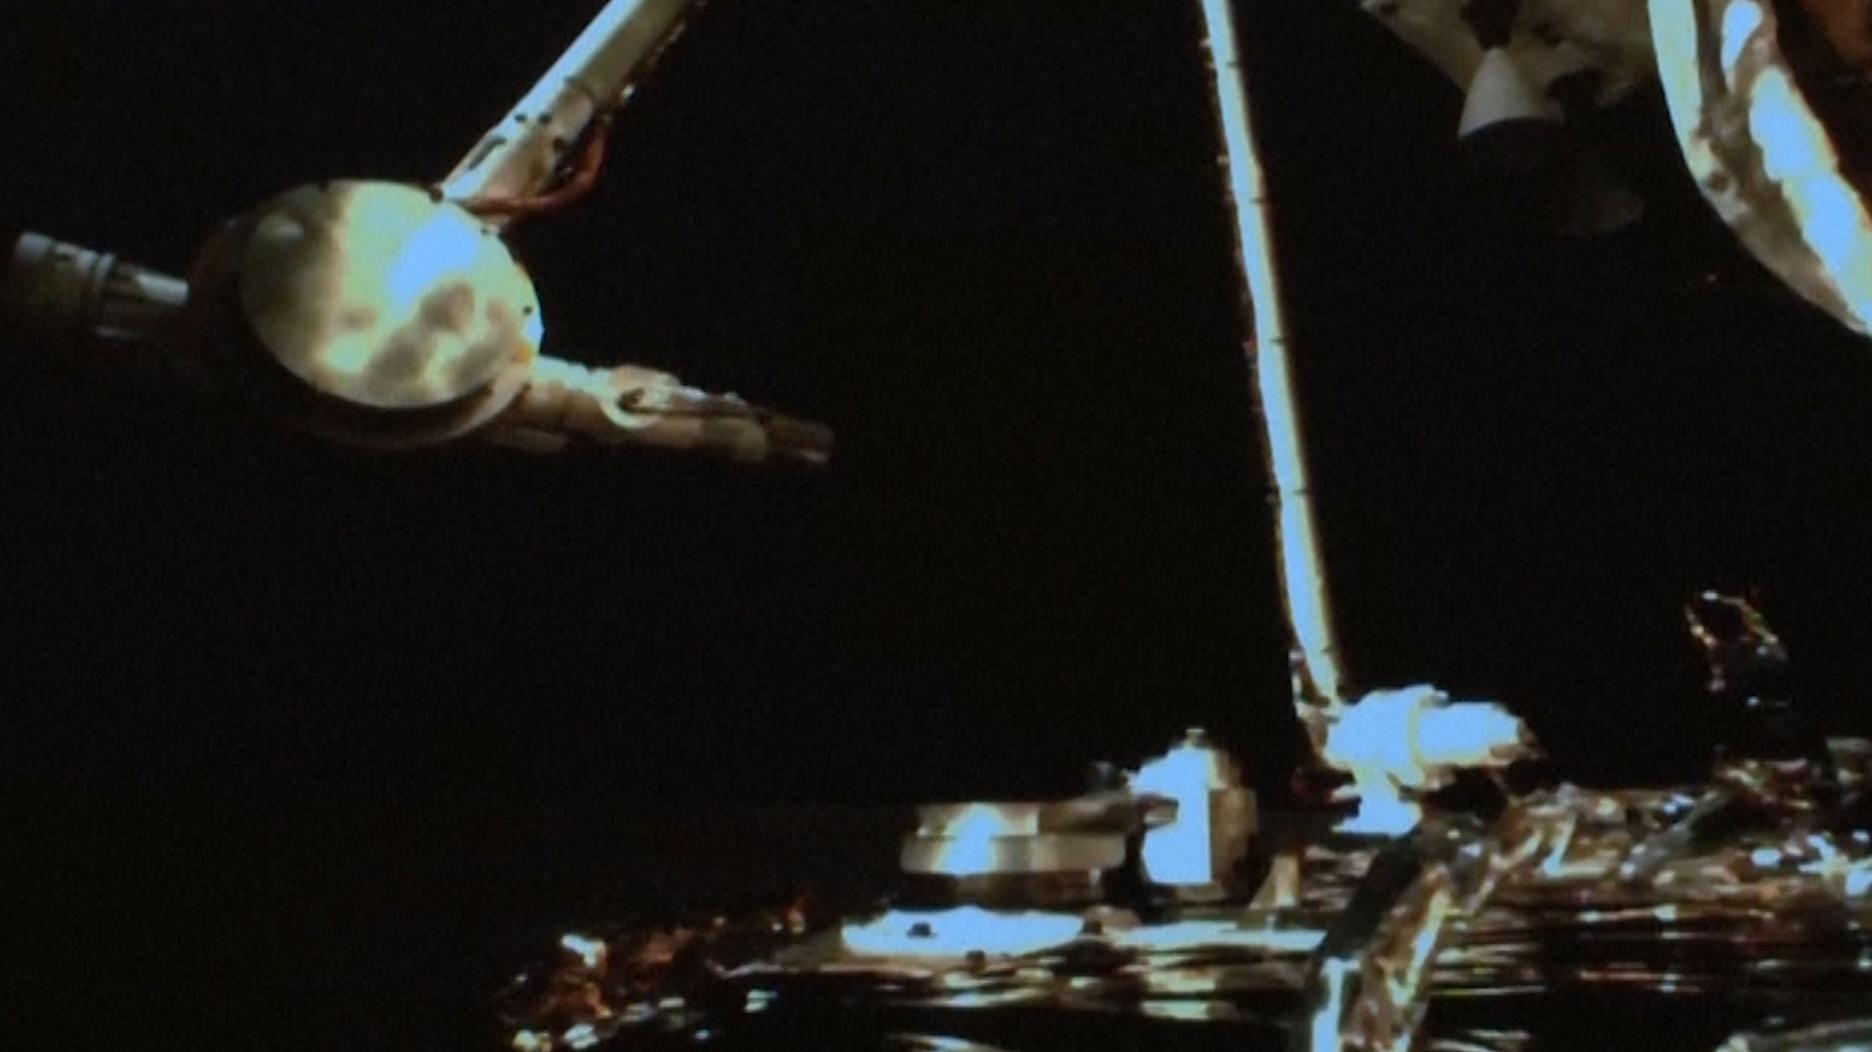 L'atterrisseur lunaire chinois Chang'e 5 a utilisé ce bras robotique pour collecter des échantillons de la lune à Mons Rumker dans l'océan des tempêtes de la lune le 1er décembre 2020.